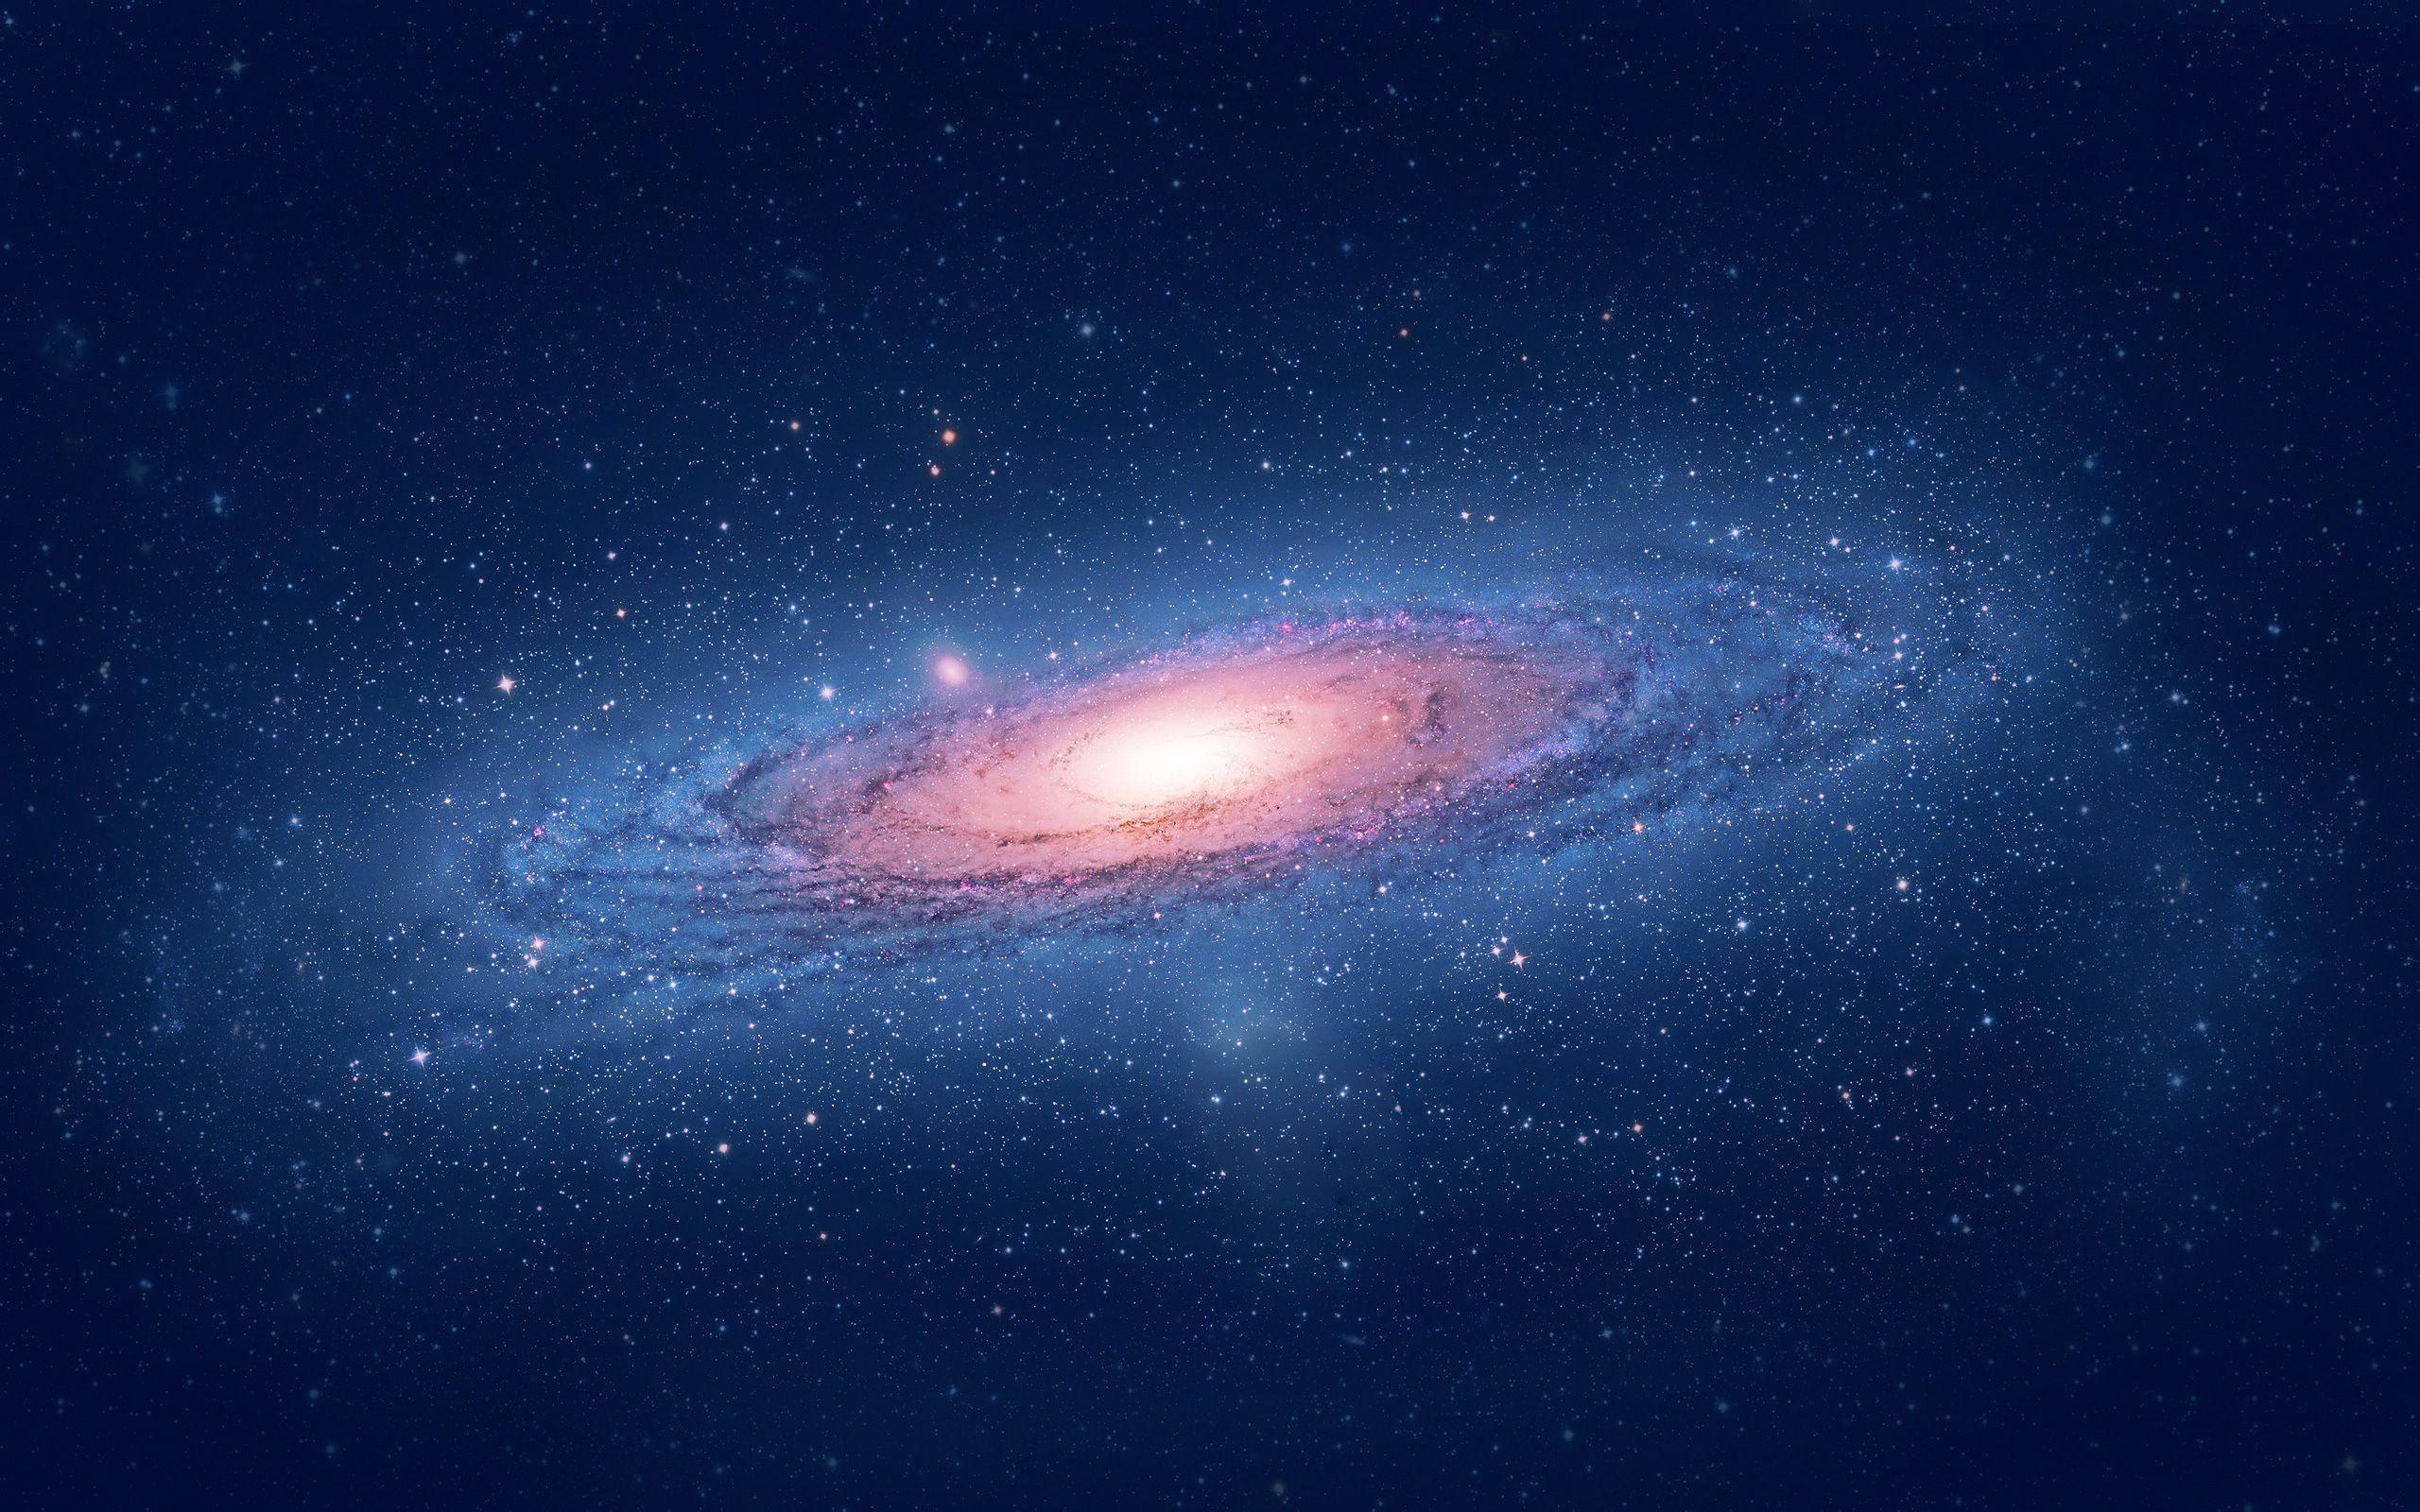 求苹果壁纸,星系的那个,高清图片.谢谢,找了好久.我的